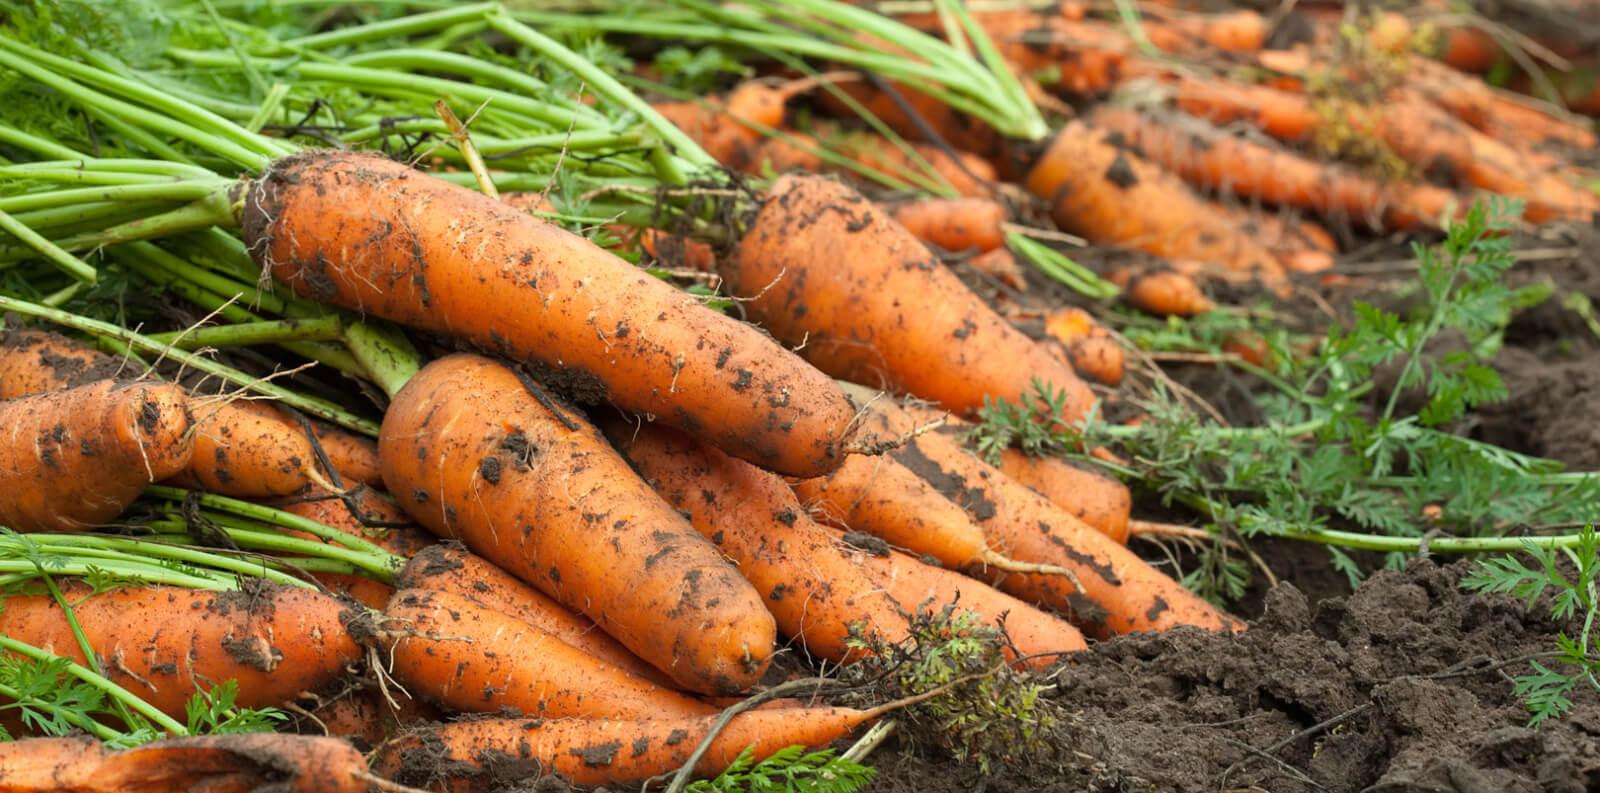 Для длительного хранения нужно отбирать морковь без дефектов и признаков повреждения.